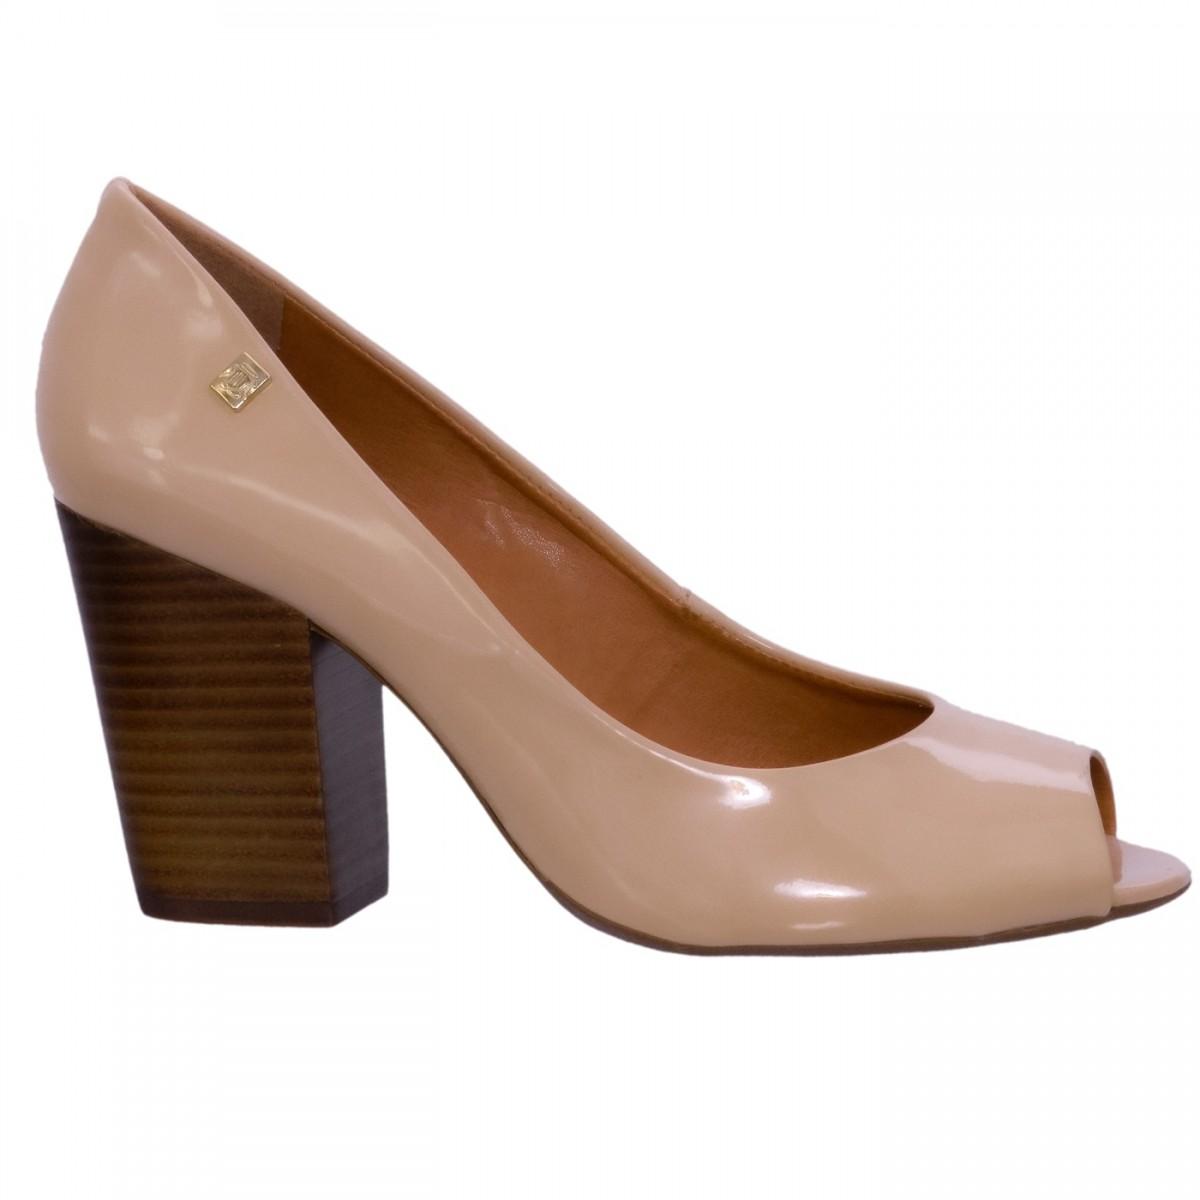 acf6aebc6 Bizz Store - Sapato Peep Toe Feminino Loucos e Santos Verniz Nude